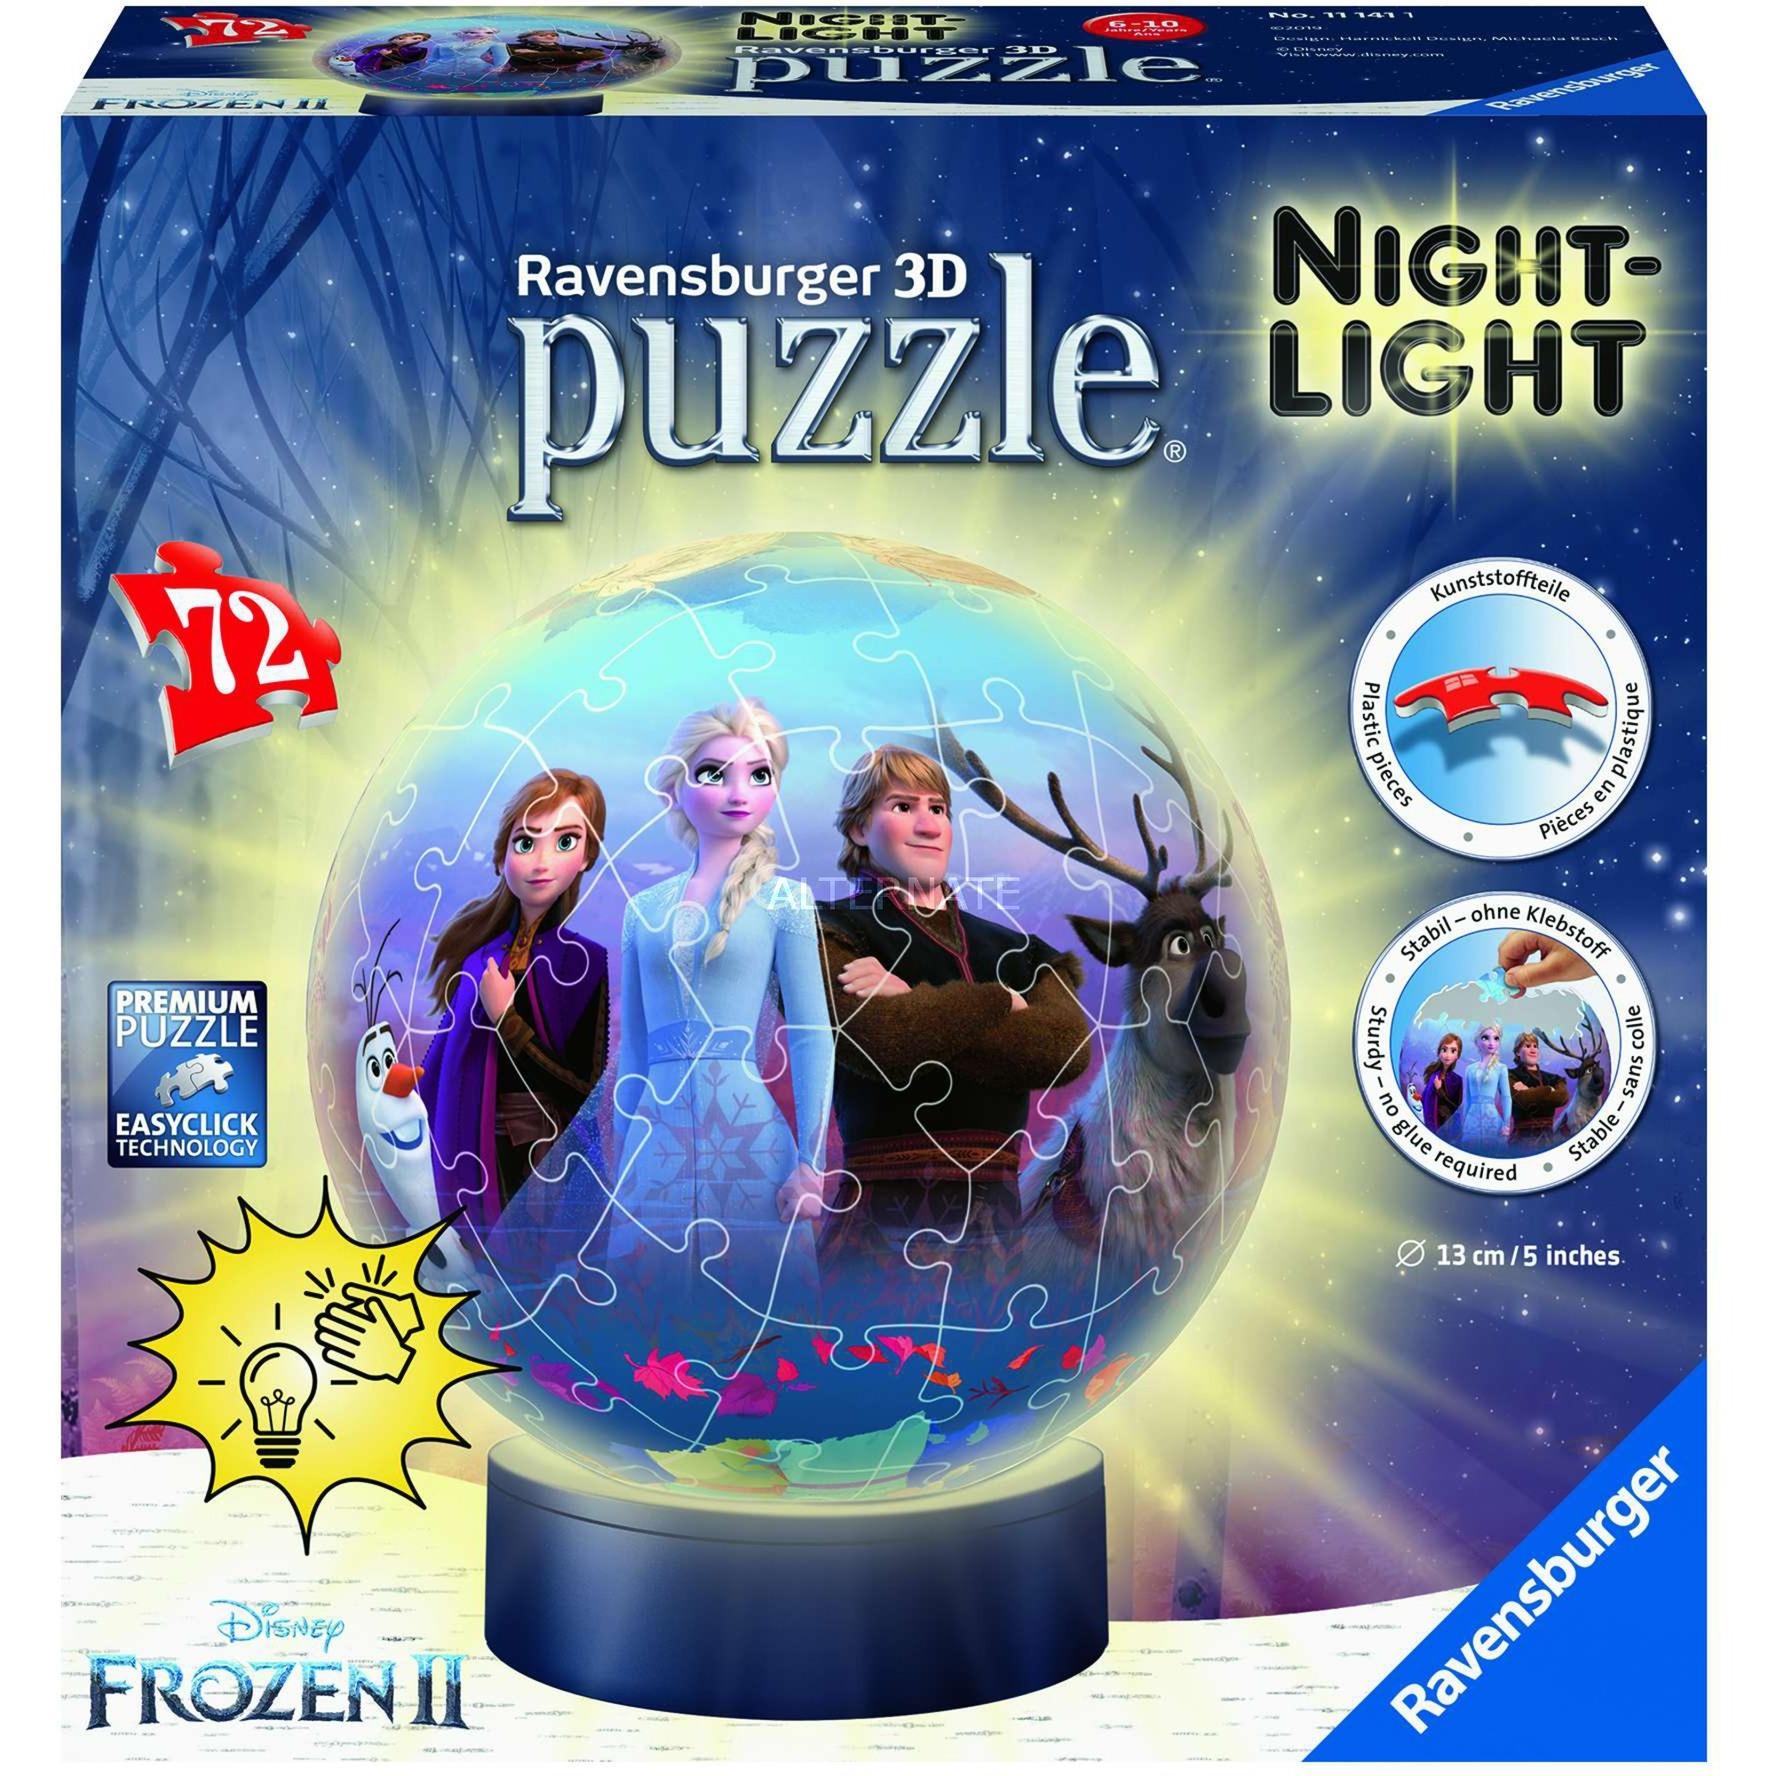 00.011.141 puzle 3D, Puzzle